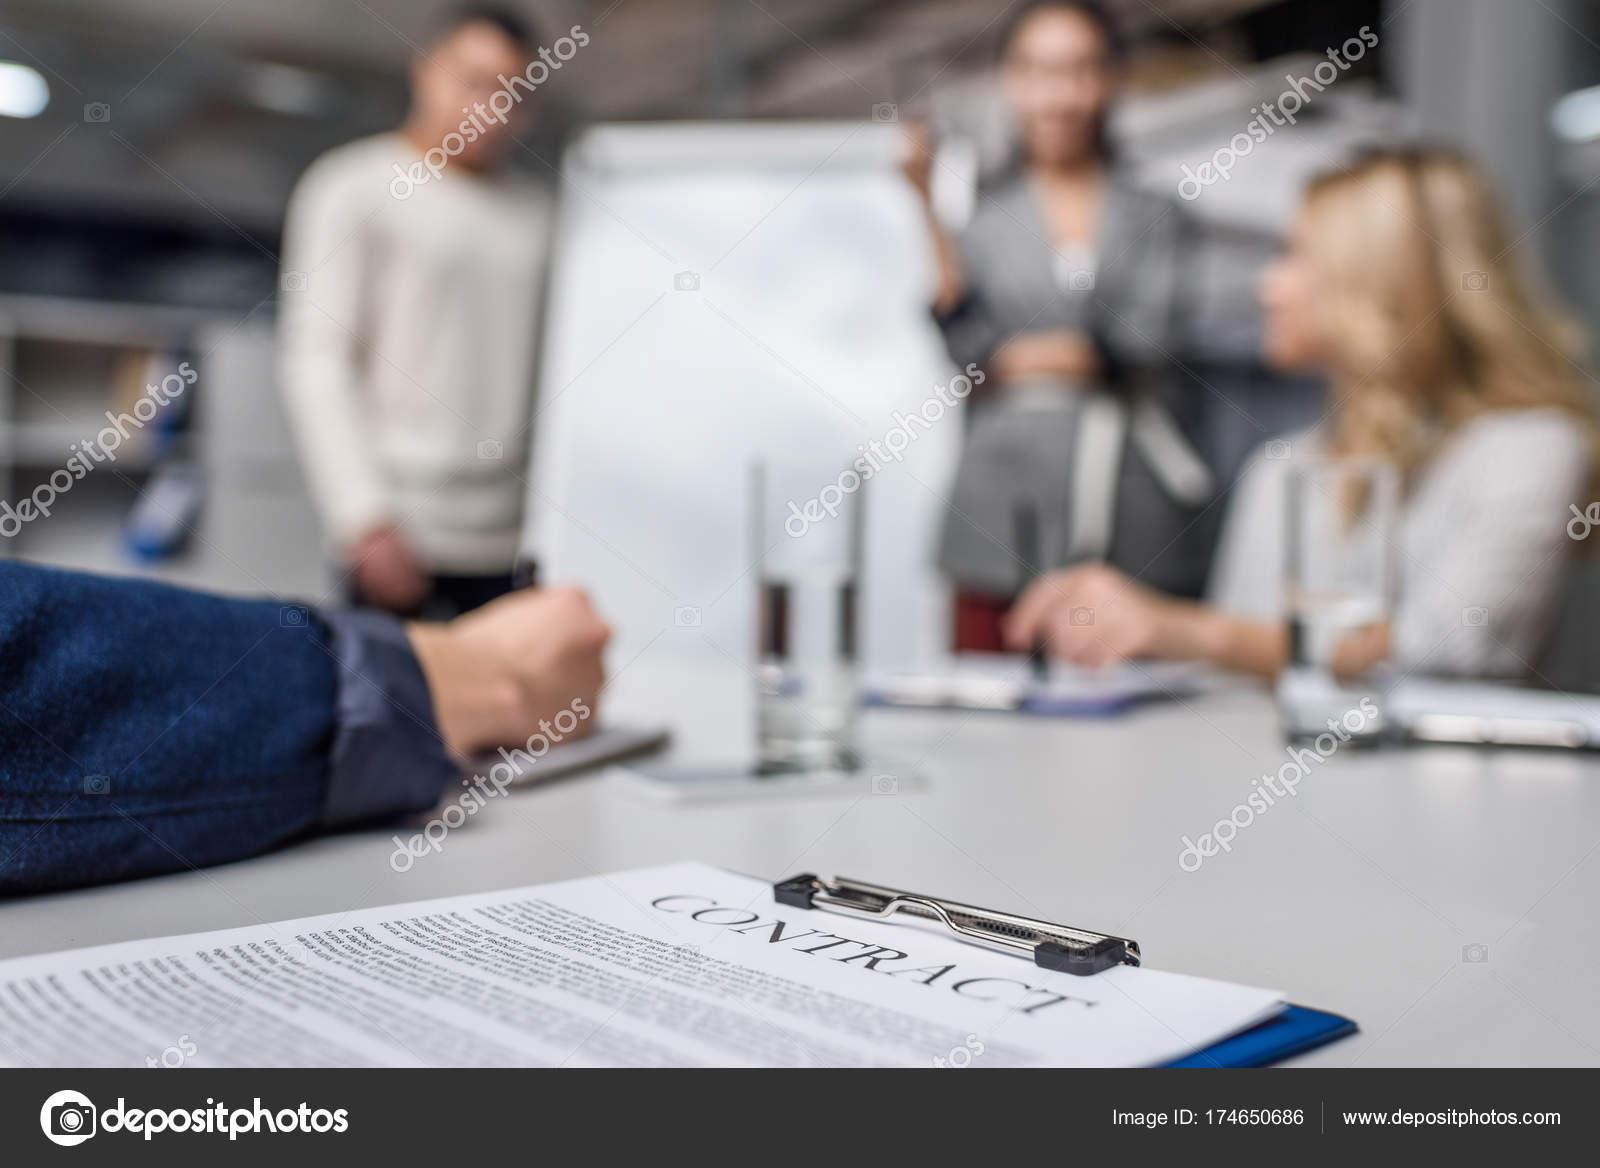 Business Vertrag Auf Tisch Mit Unscharfen Geschäftsleute Auf ...